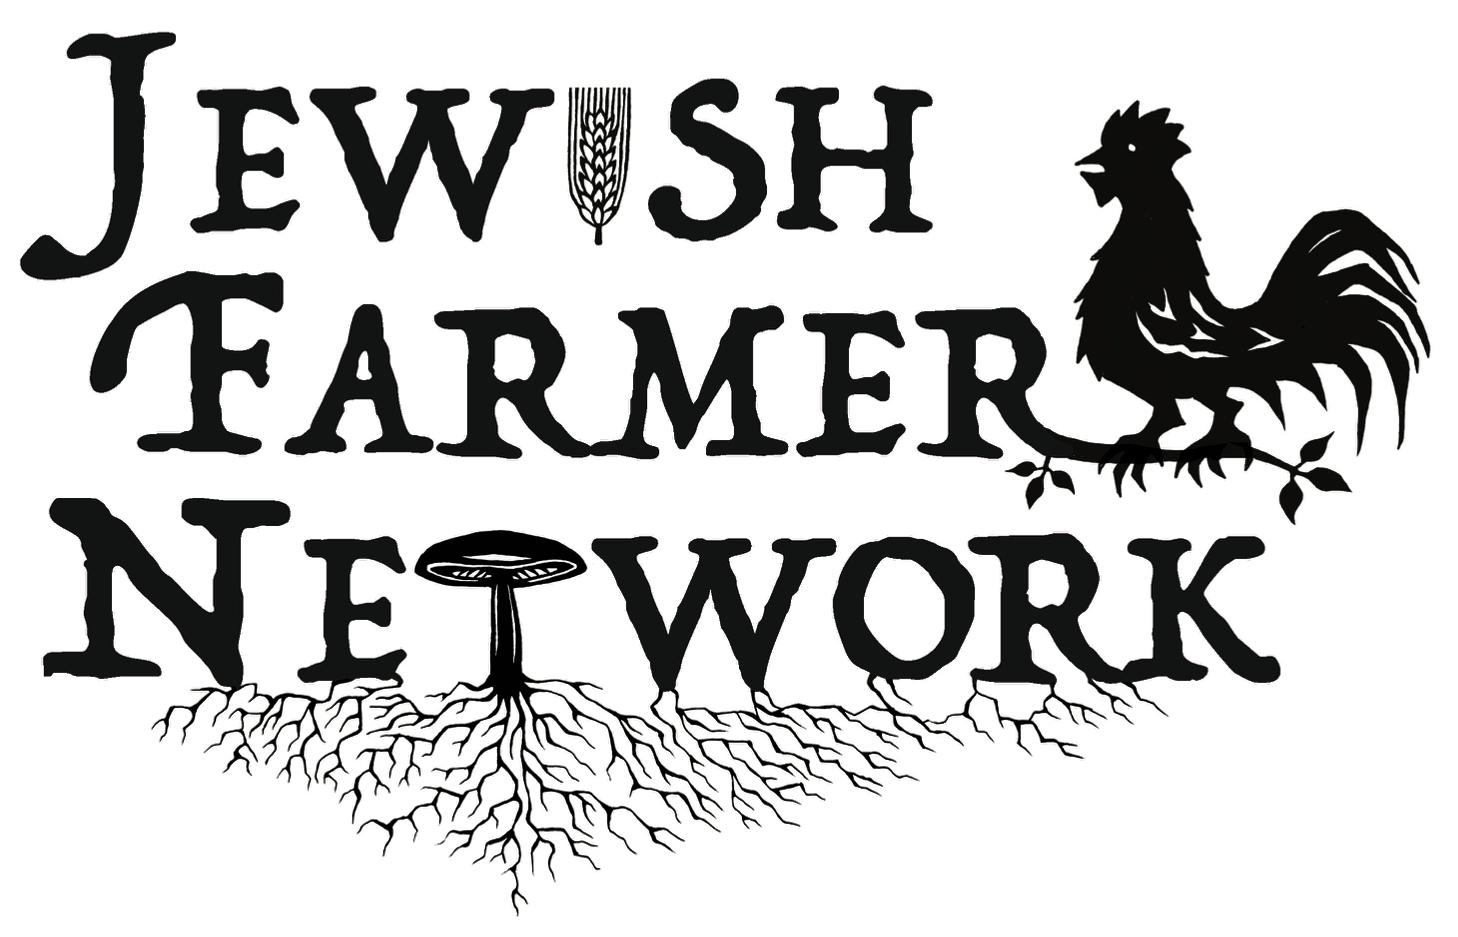 Jewish Farmer Network